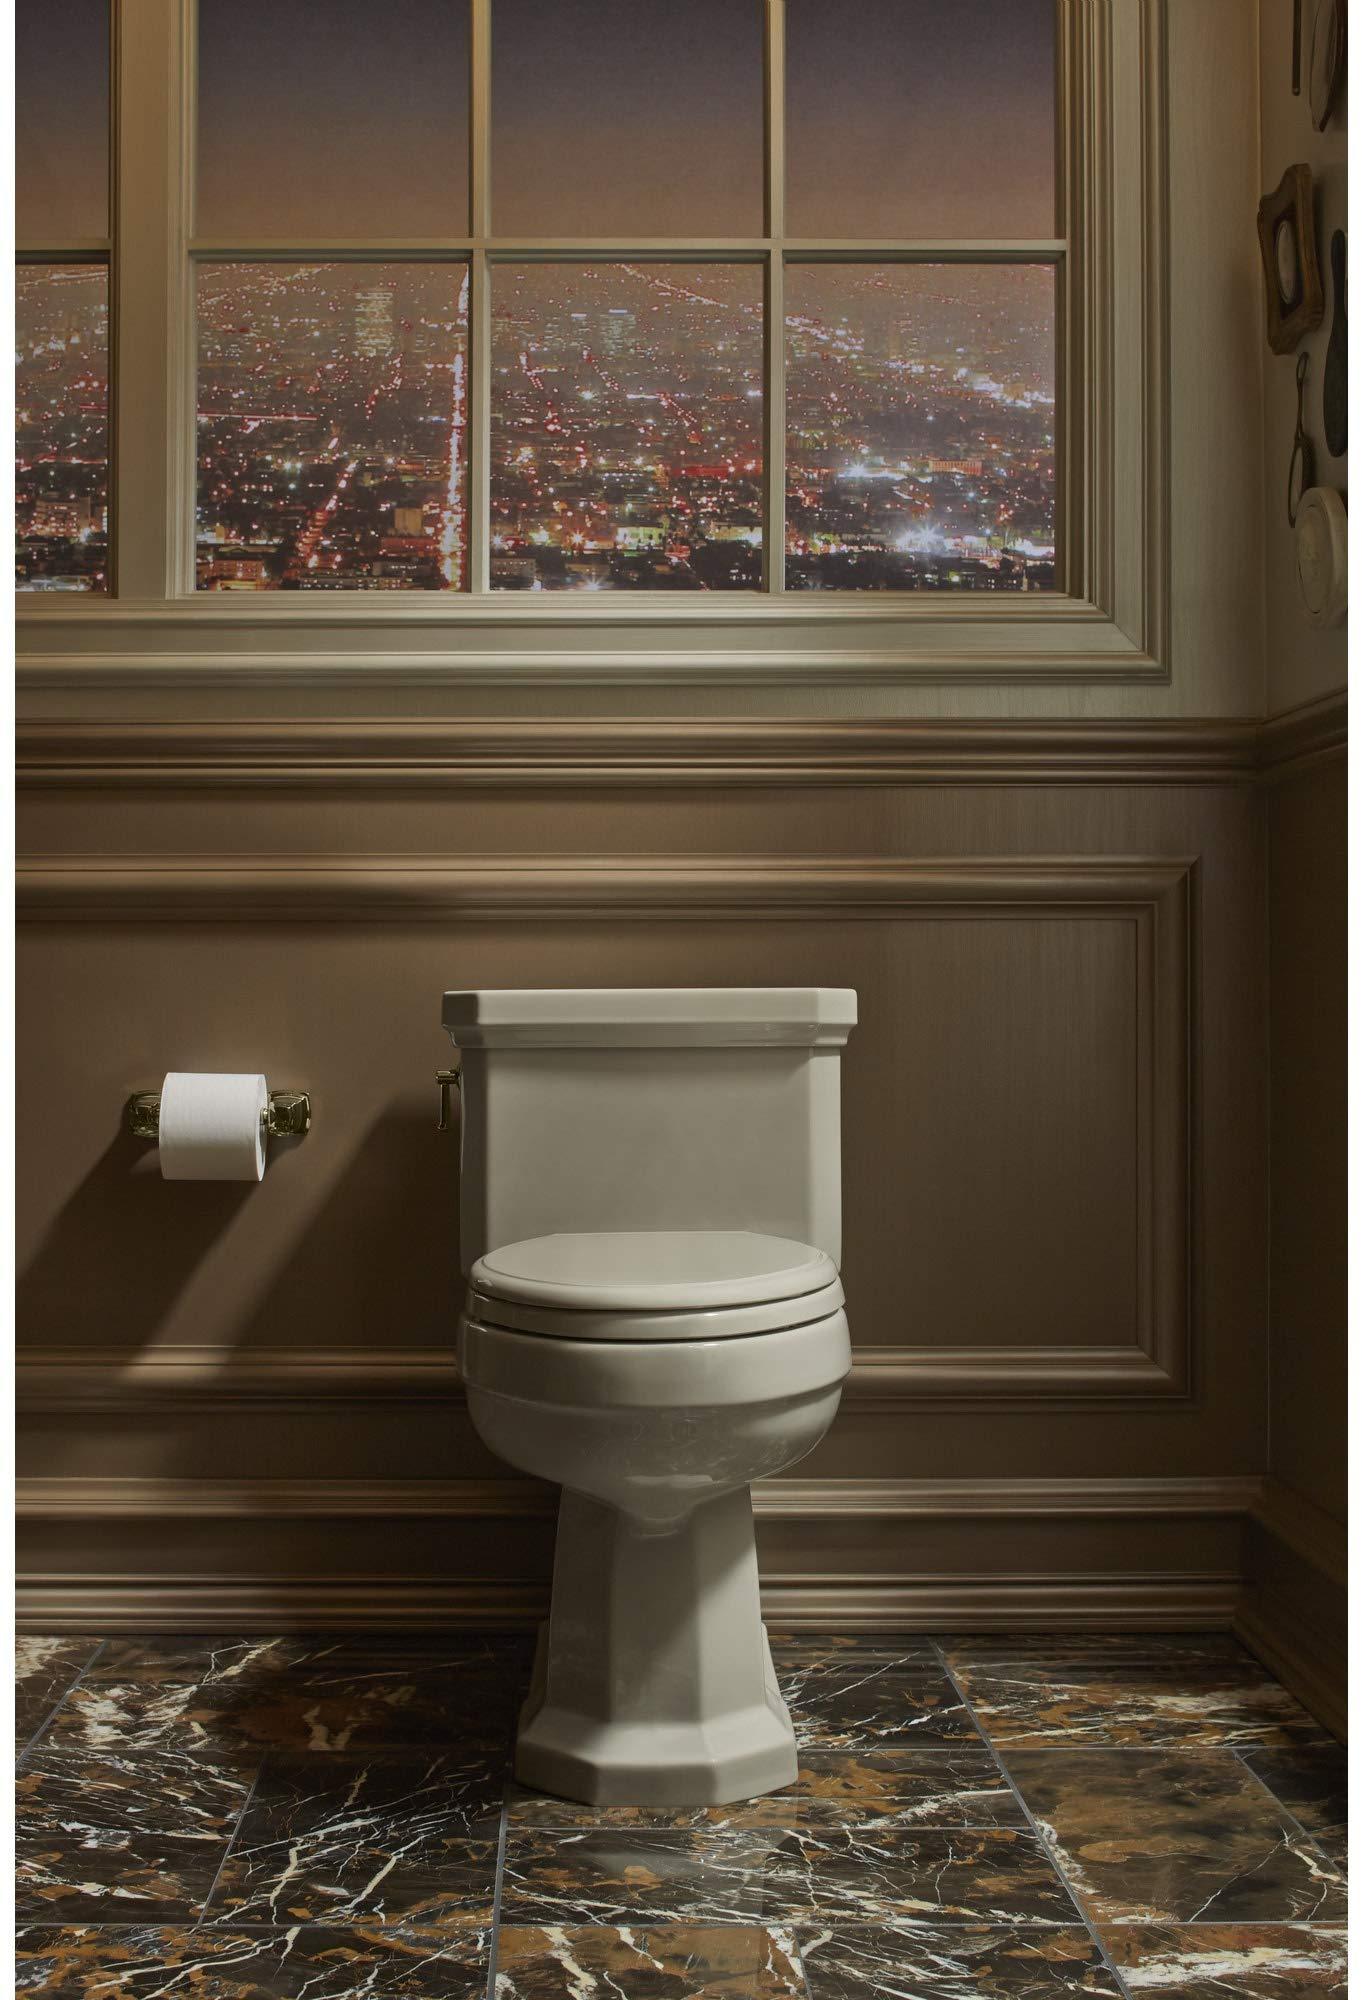 Kohler K-16265 Horizontal Toilet Paper Holder, Vibrant French Gold